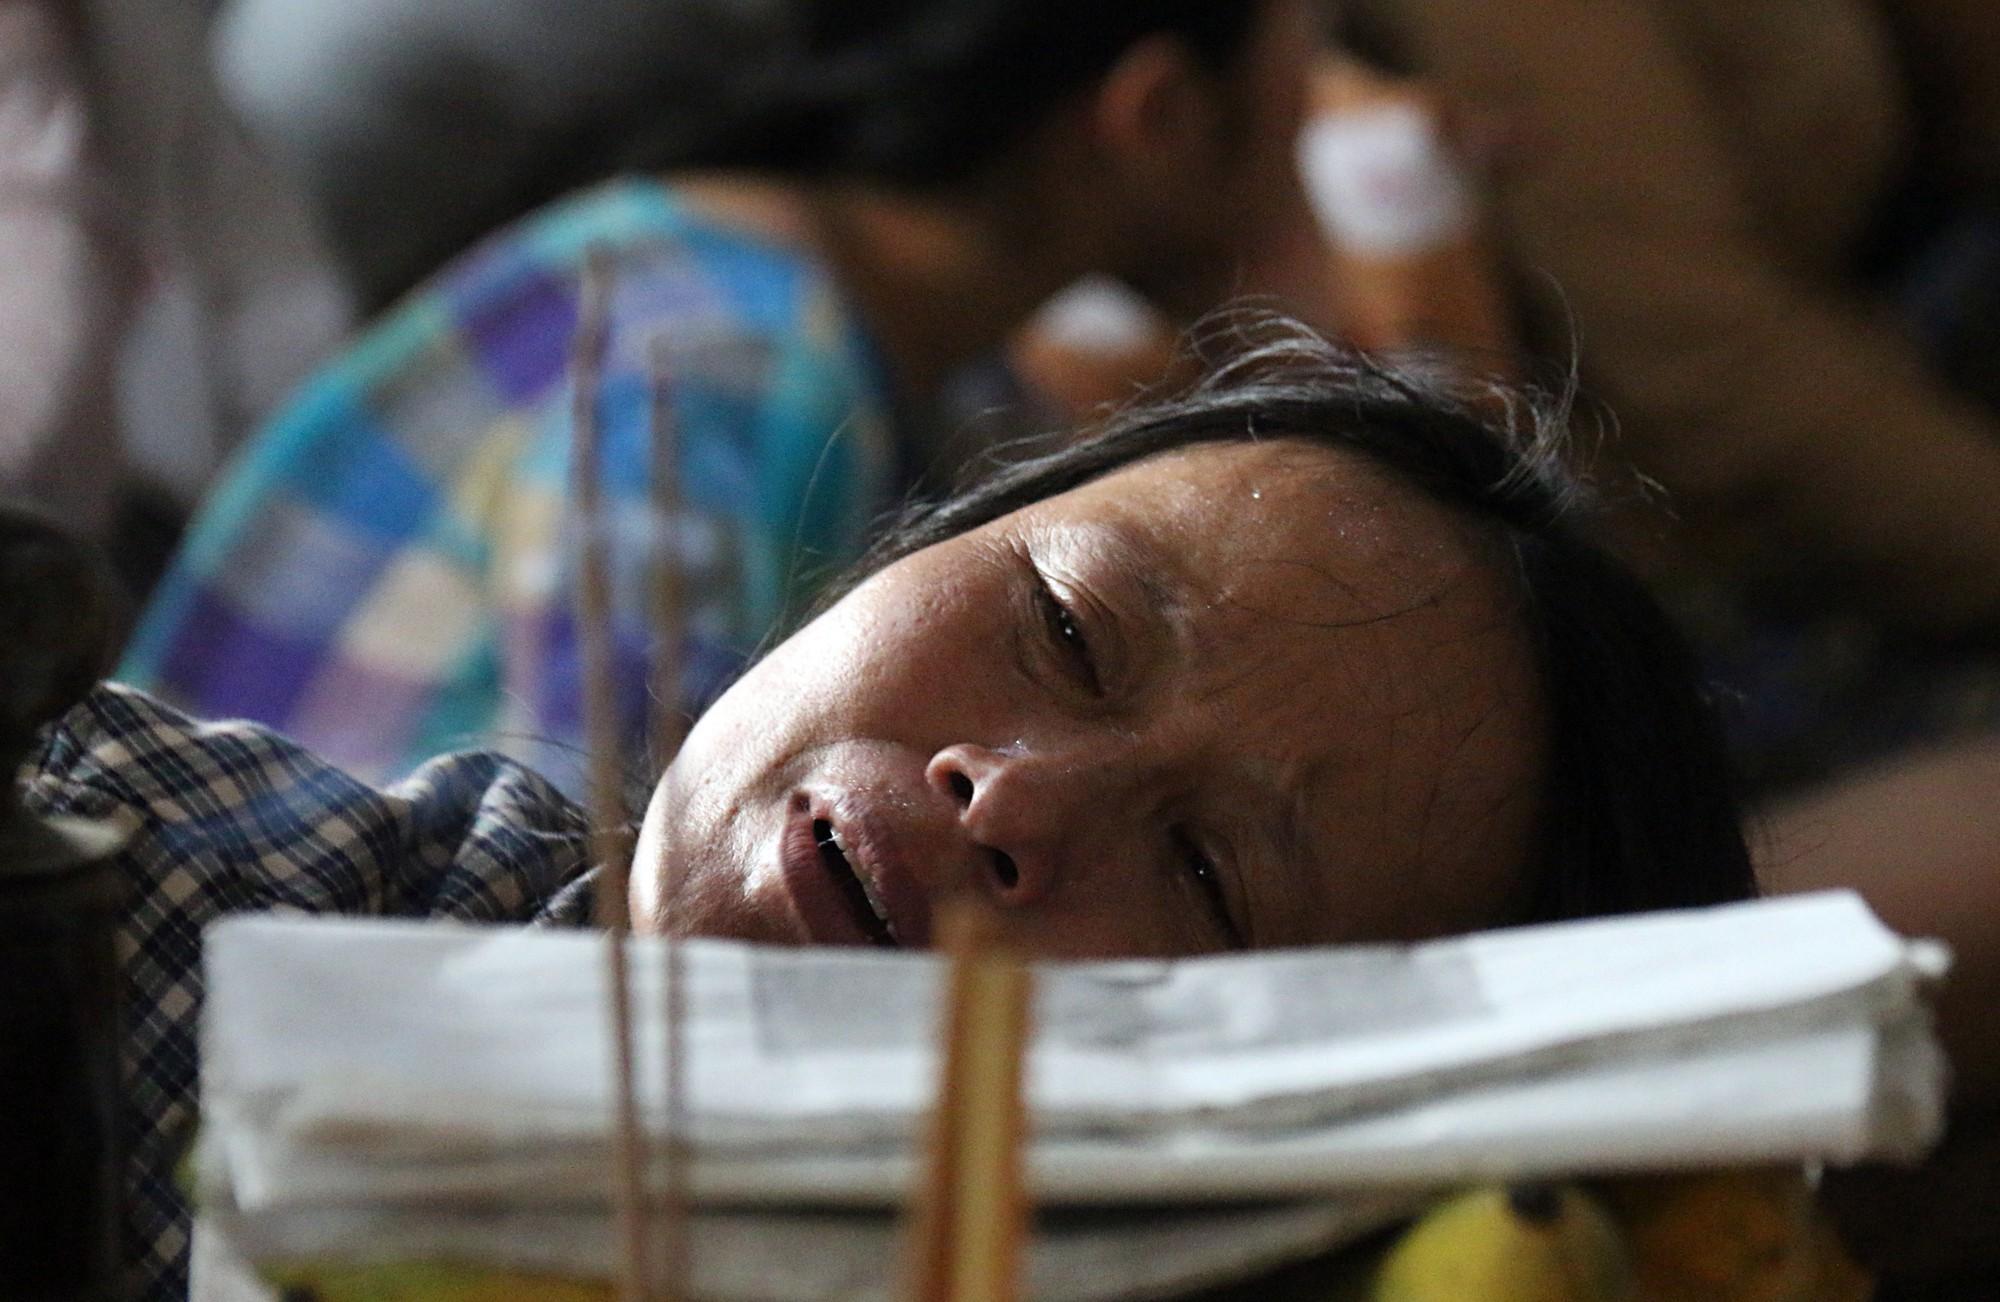 Vụ chú rể và 12 người thân trong đoàn rước dâu tử vong vì tai nạn: Những đứa trẻ bỗng chốc... mồ côi - Ảnh 2.